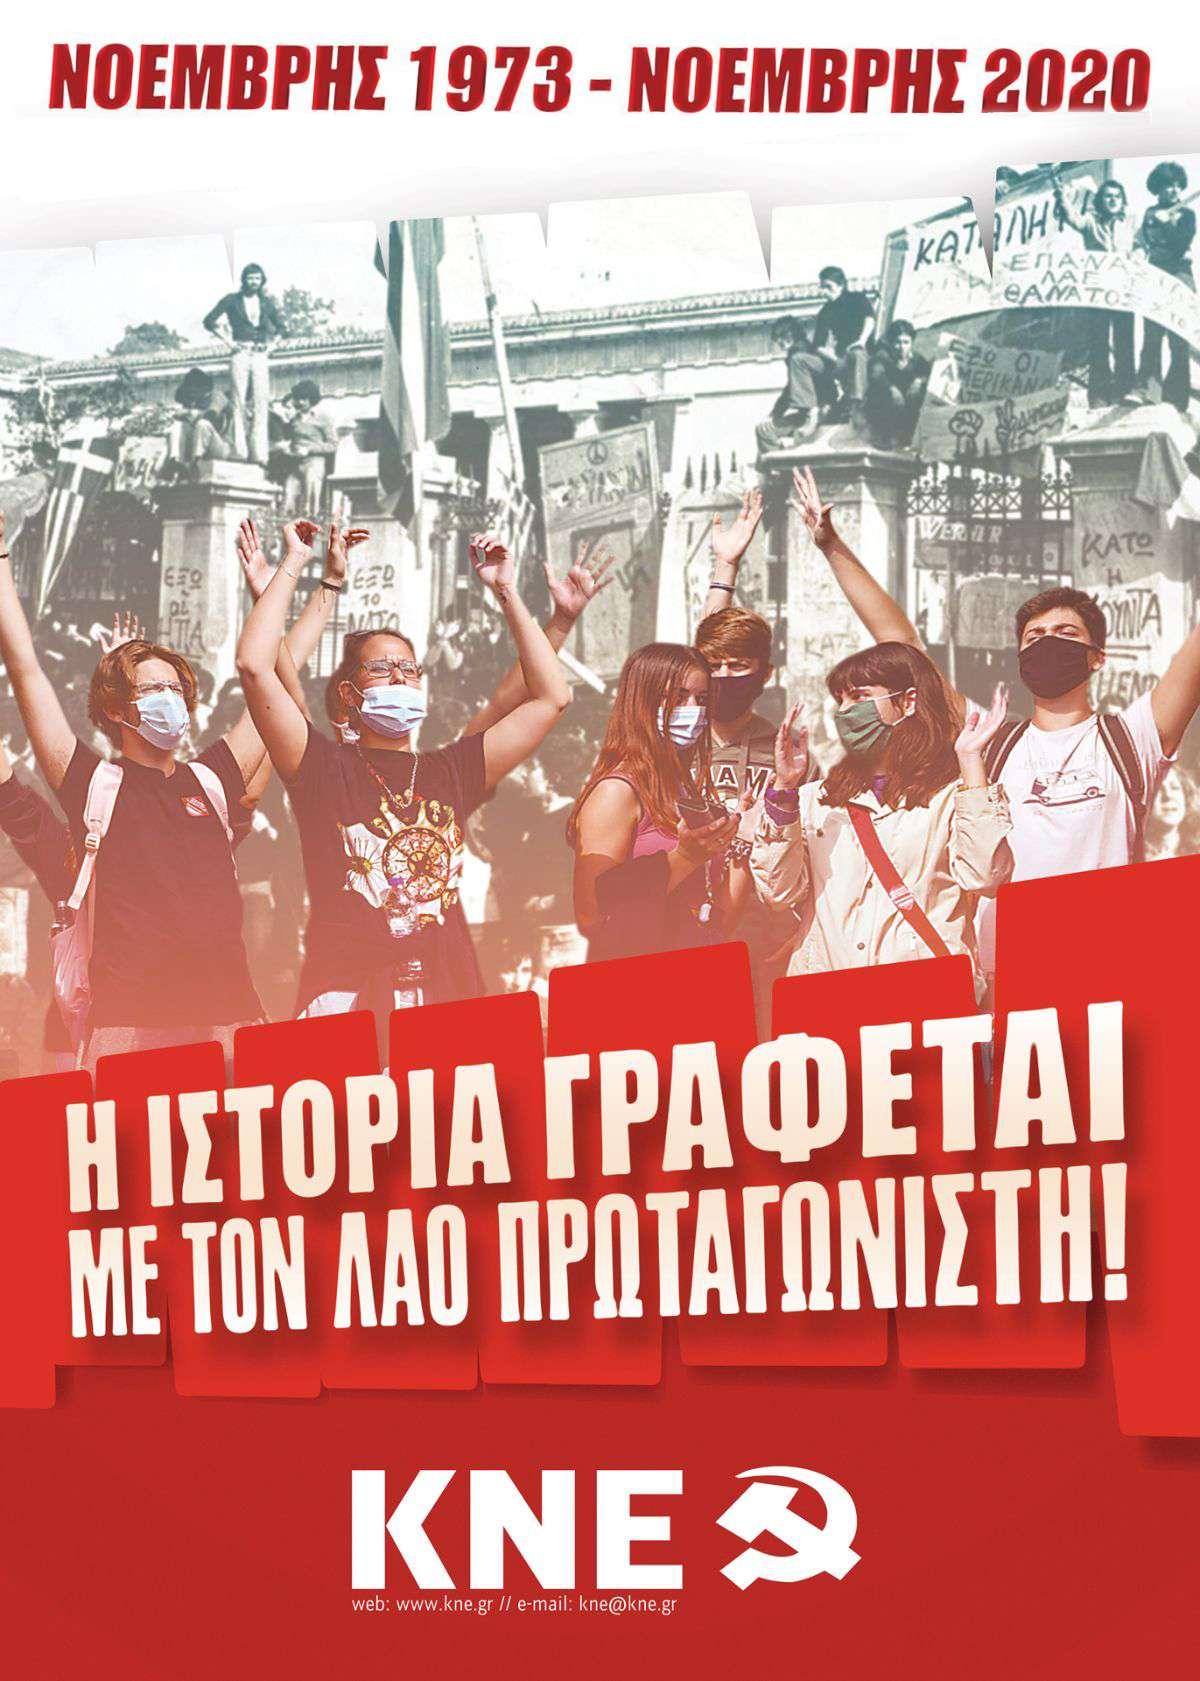 KNE ΚΝΕ poster Πολυτεχνείο 2020